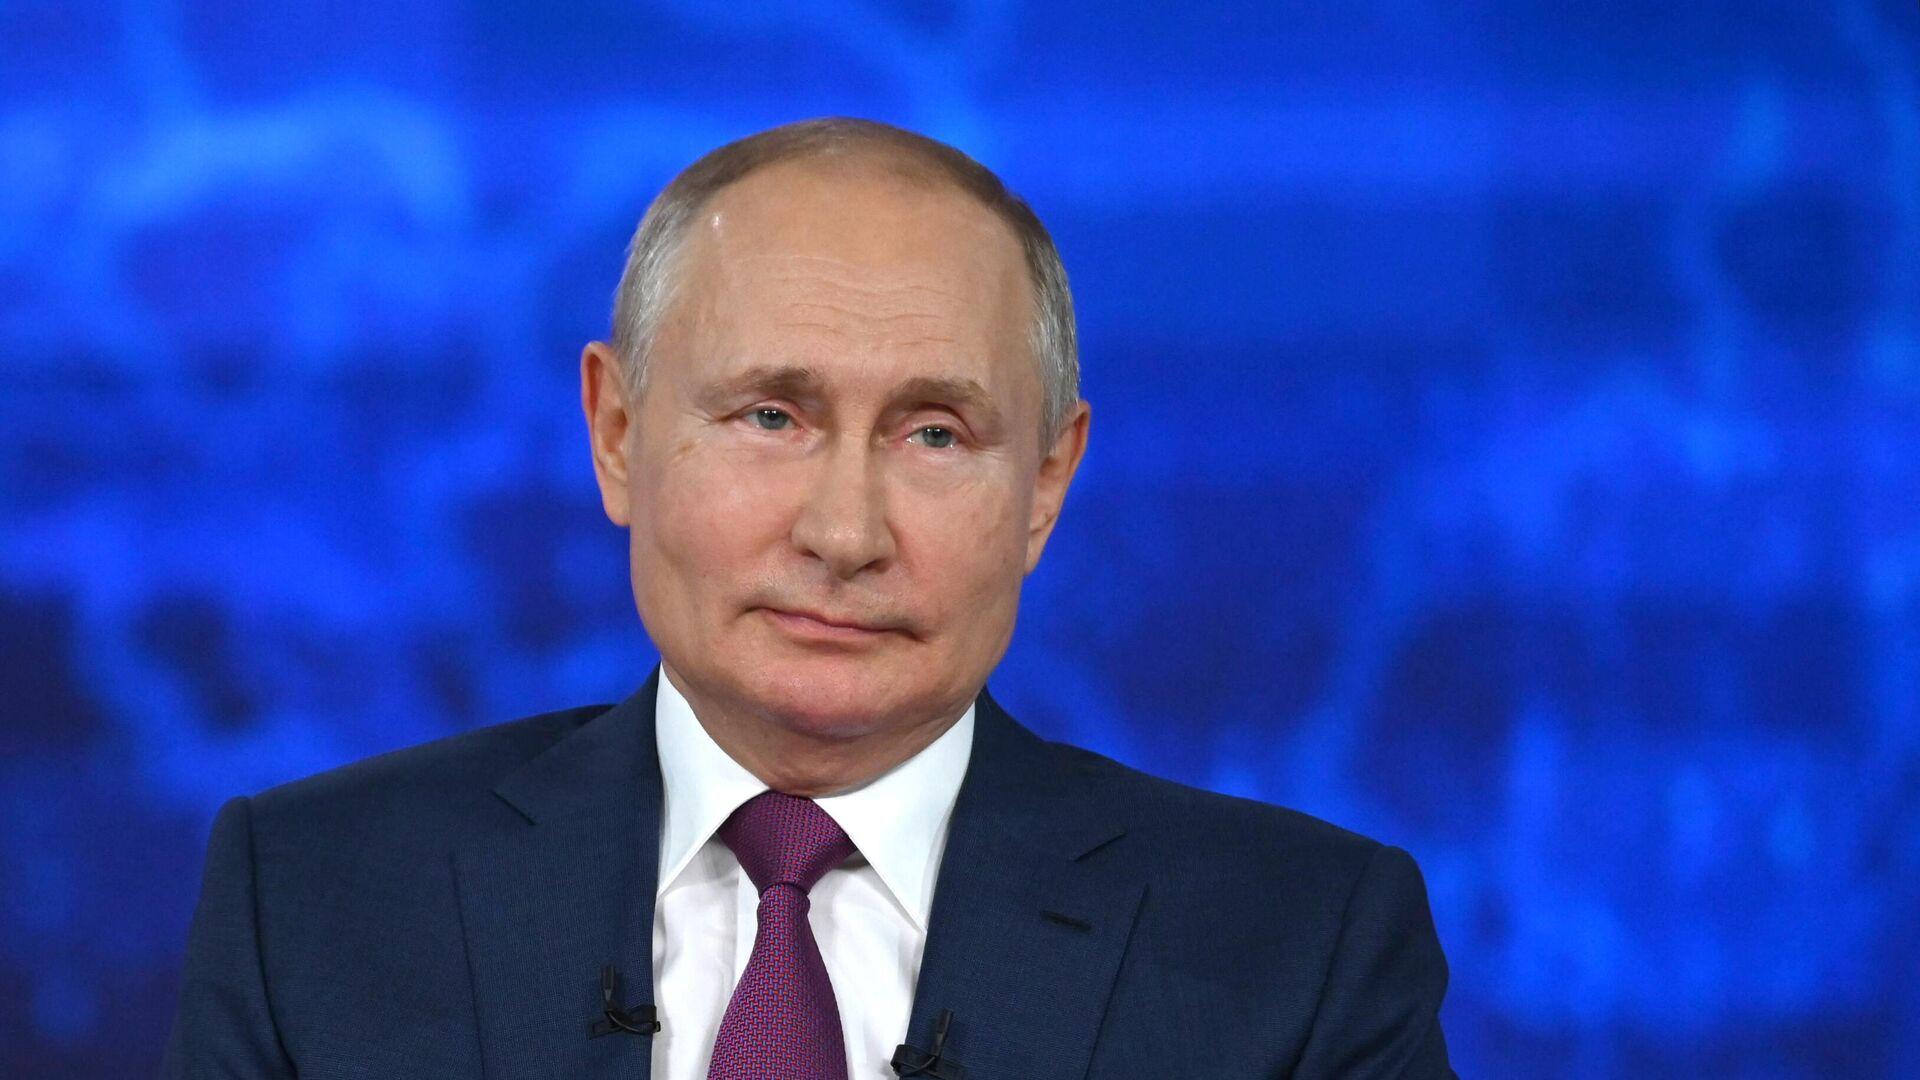 Президент РФ Владимир Путин отвечает на вопросы россиян во время ежегодной специальной программы Прямая линия с Владимиром Путиным - РИА Новости, 1920, 07.10.2021